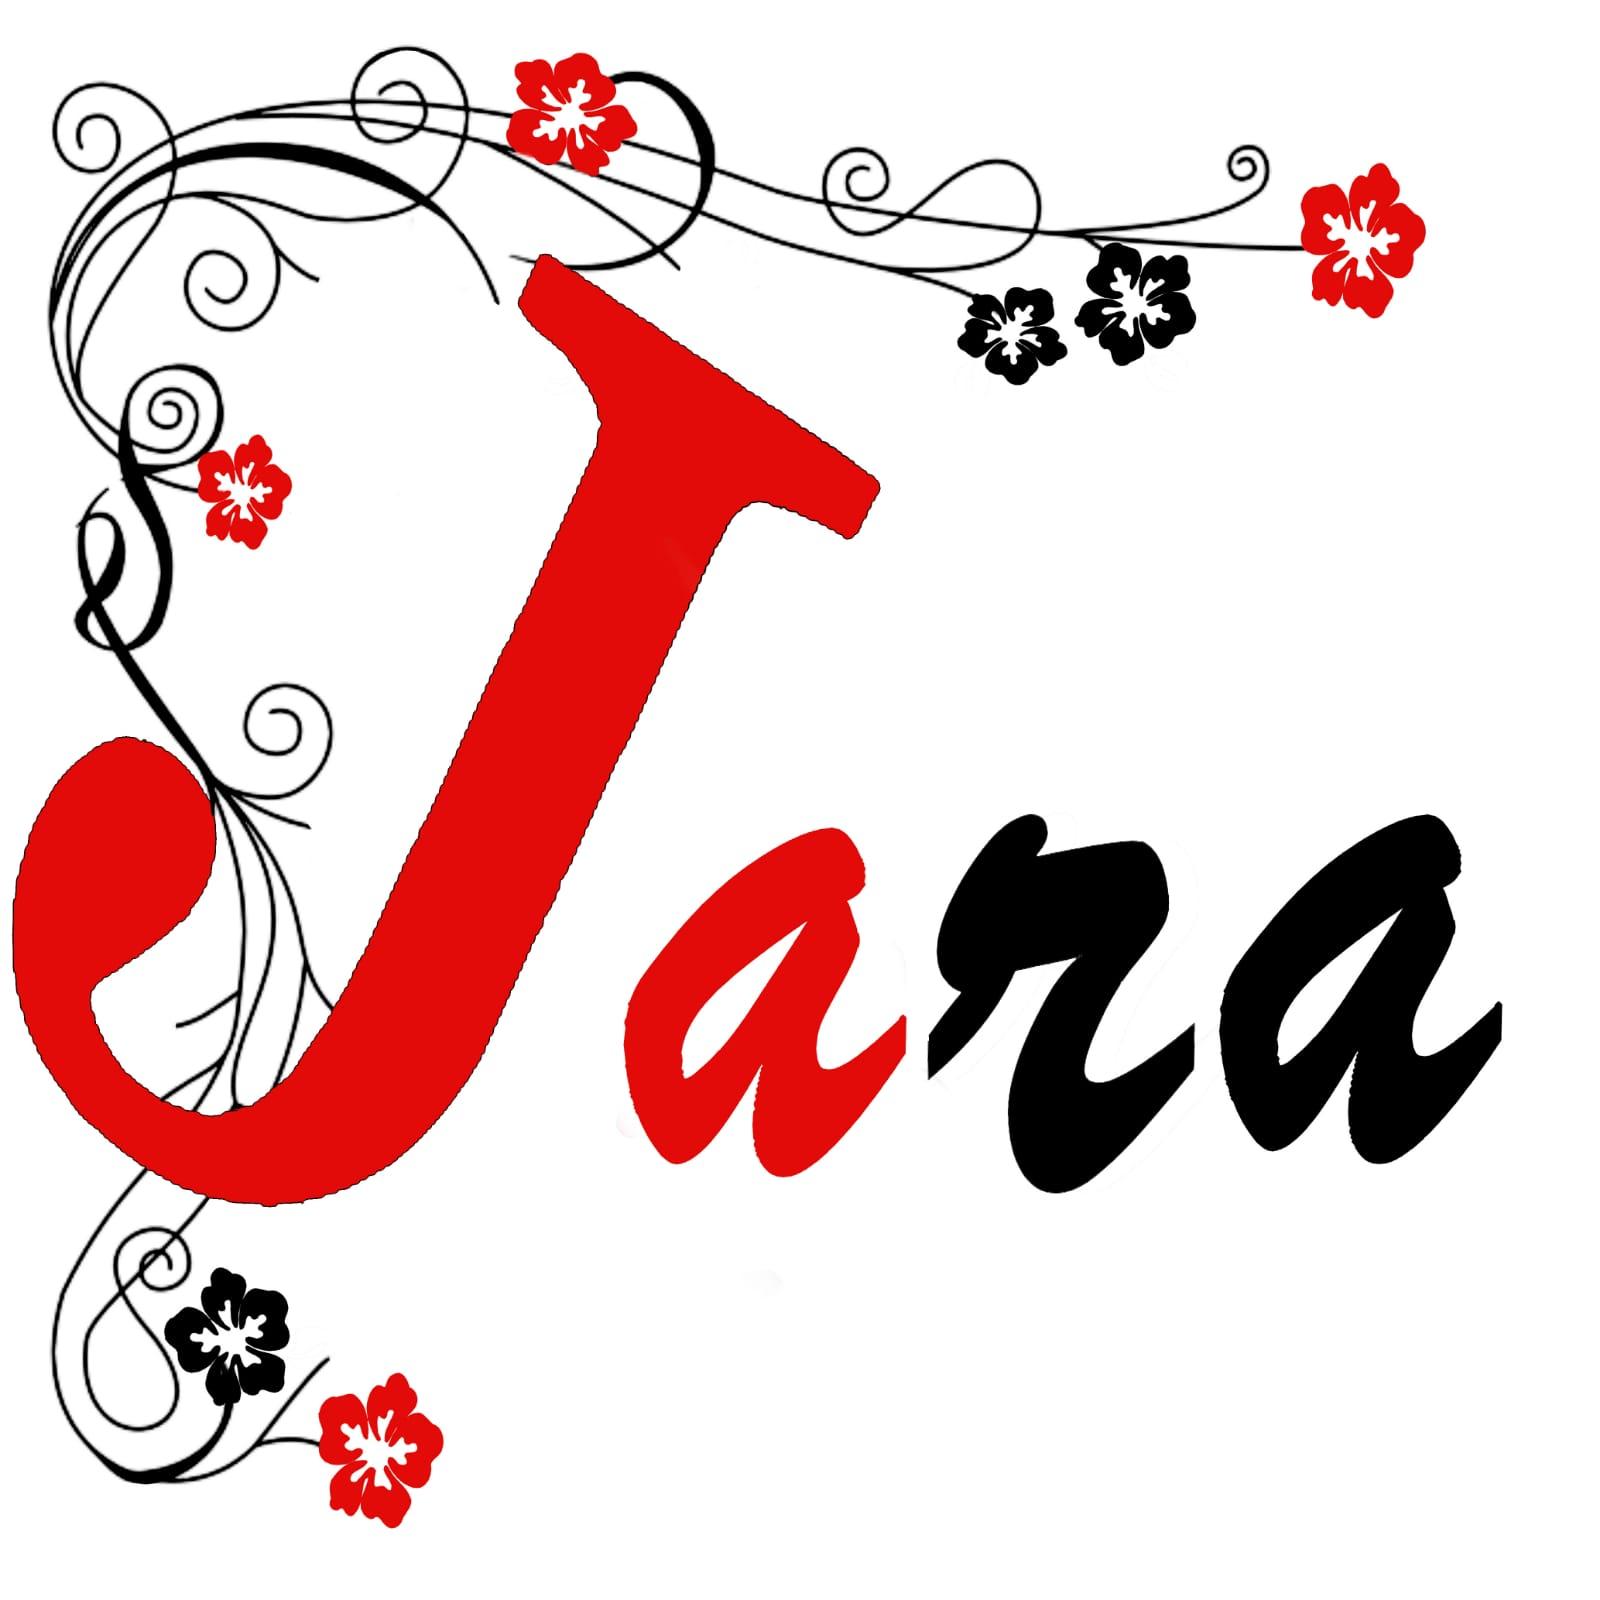 Jara Hogar